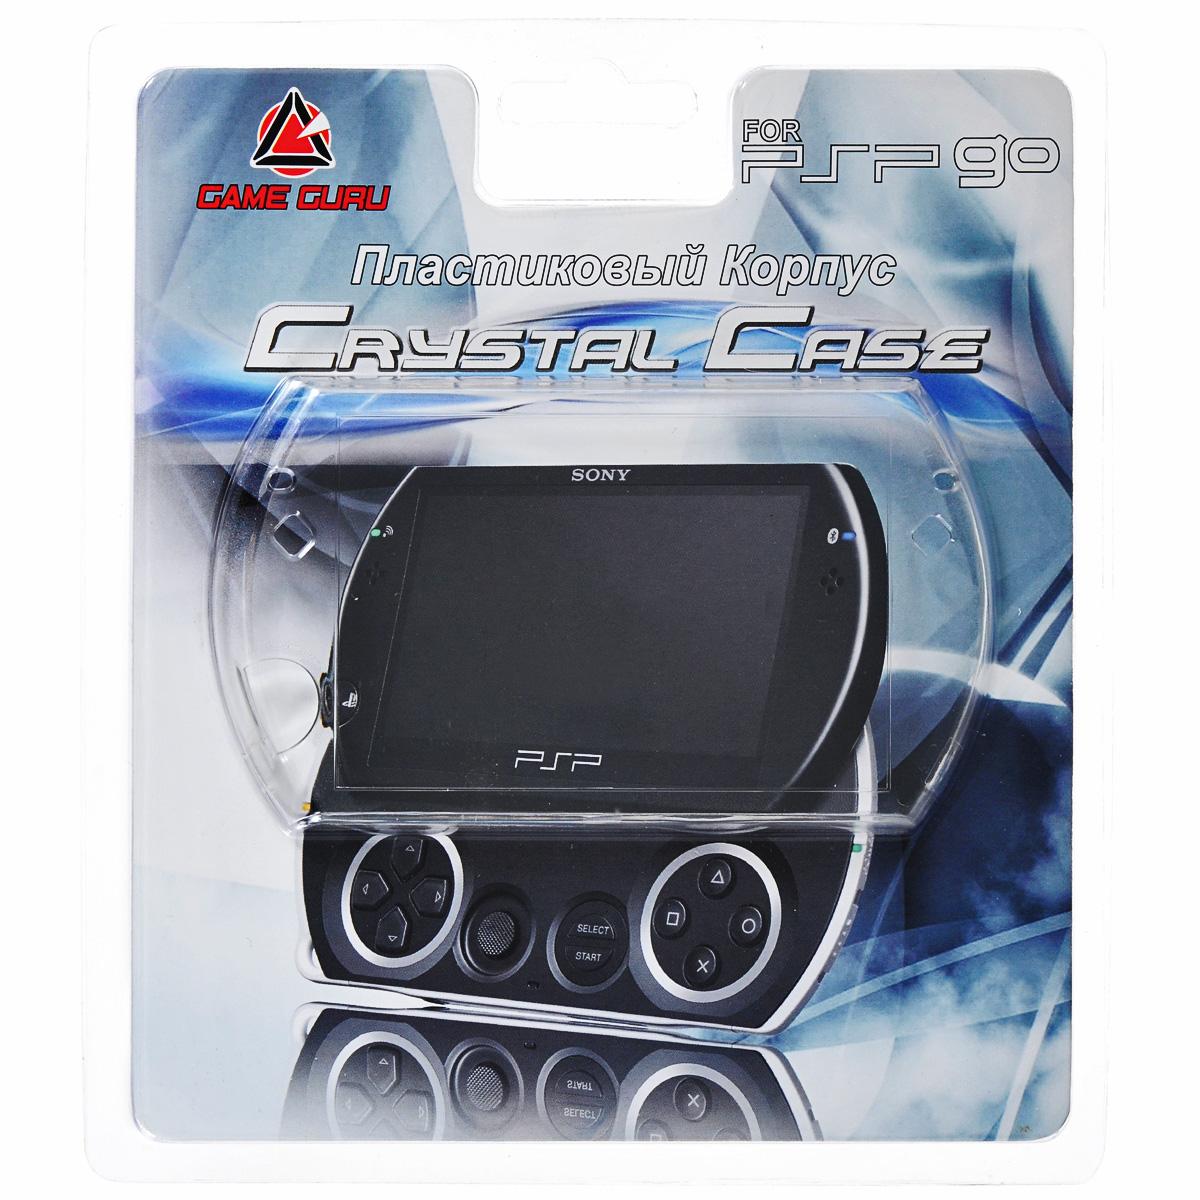 Пластиковый корпус Game Guru Crystal Case для Sony PSP GO (PSPGO-Y047)PSPGO-Y047Пластиковый корпус Game Guru Crystal Case для Sony PSP Go сделан из прочного поликарбонатного материала и надежно защищает вашу игровую консоль от царапин и сколов. Конструкция корпуса обеспечивает свободный доступ ко всем кнопкам управления, а также не закрывает разъем карты памяти и аудиовыхода.